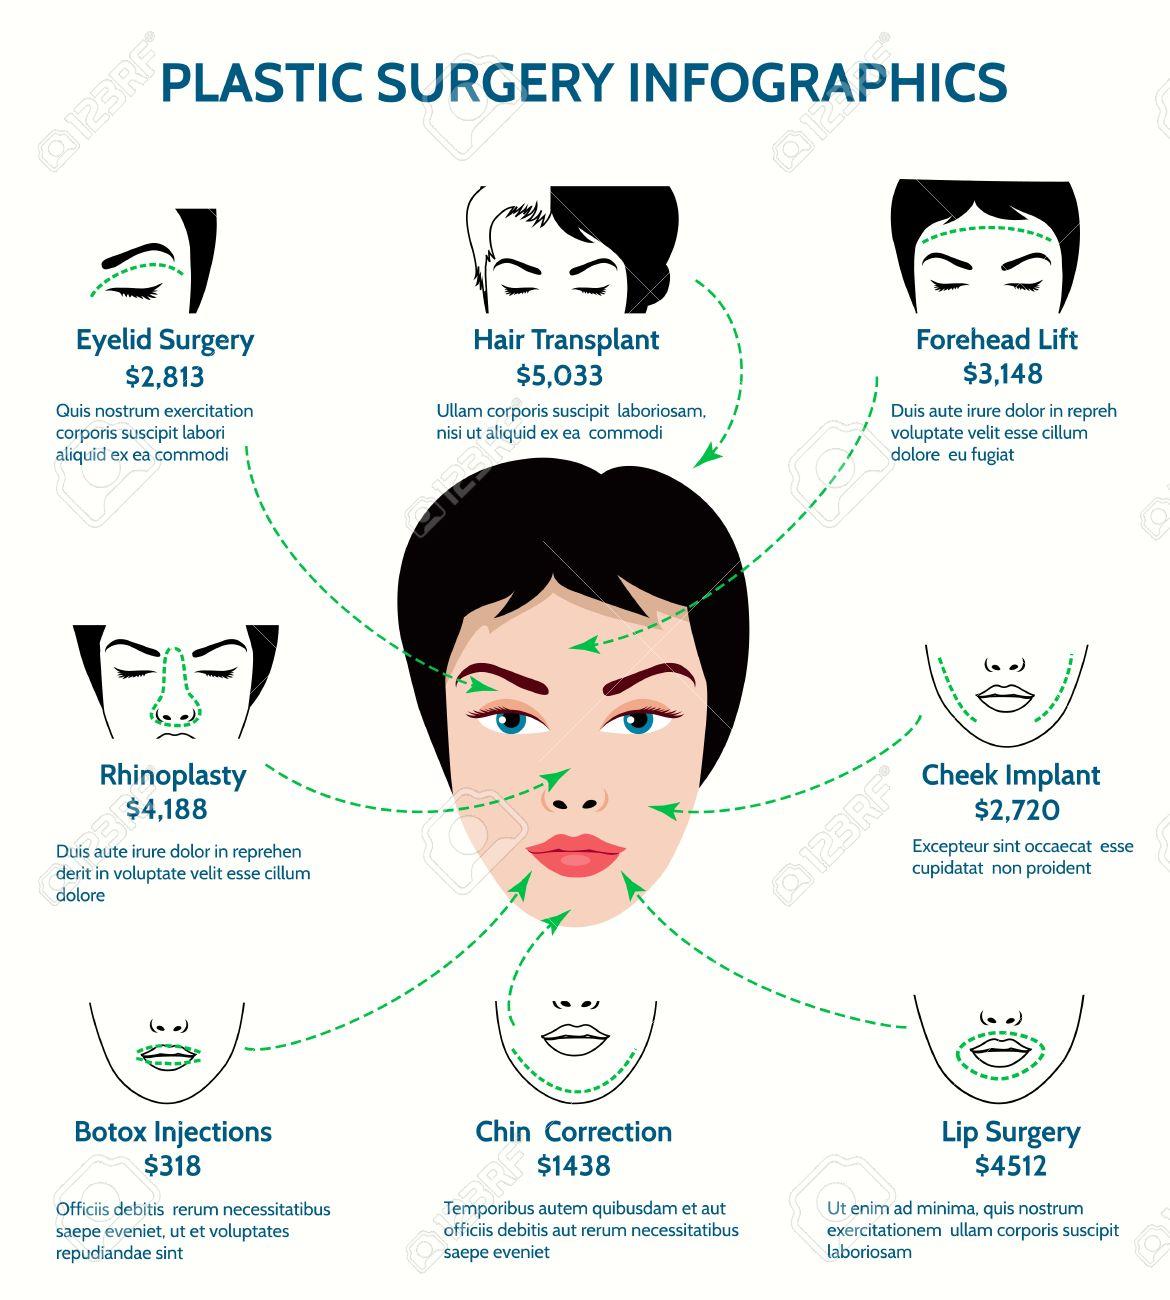 Infograf a cirug a pl stica medicina y barbilla la frente y la mejilla phinoplasty y